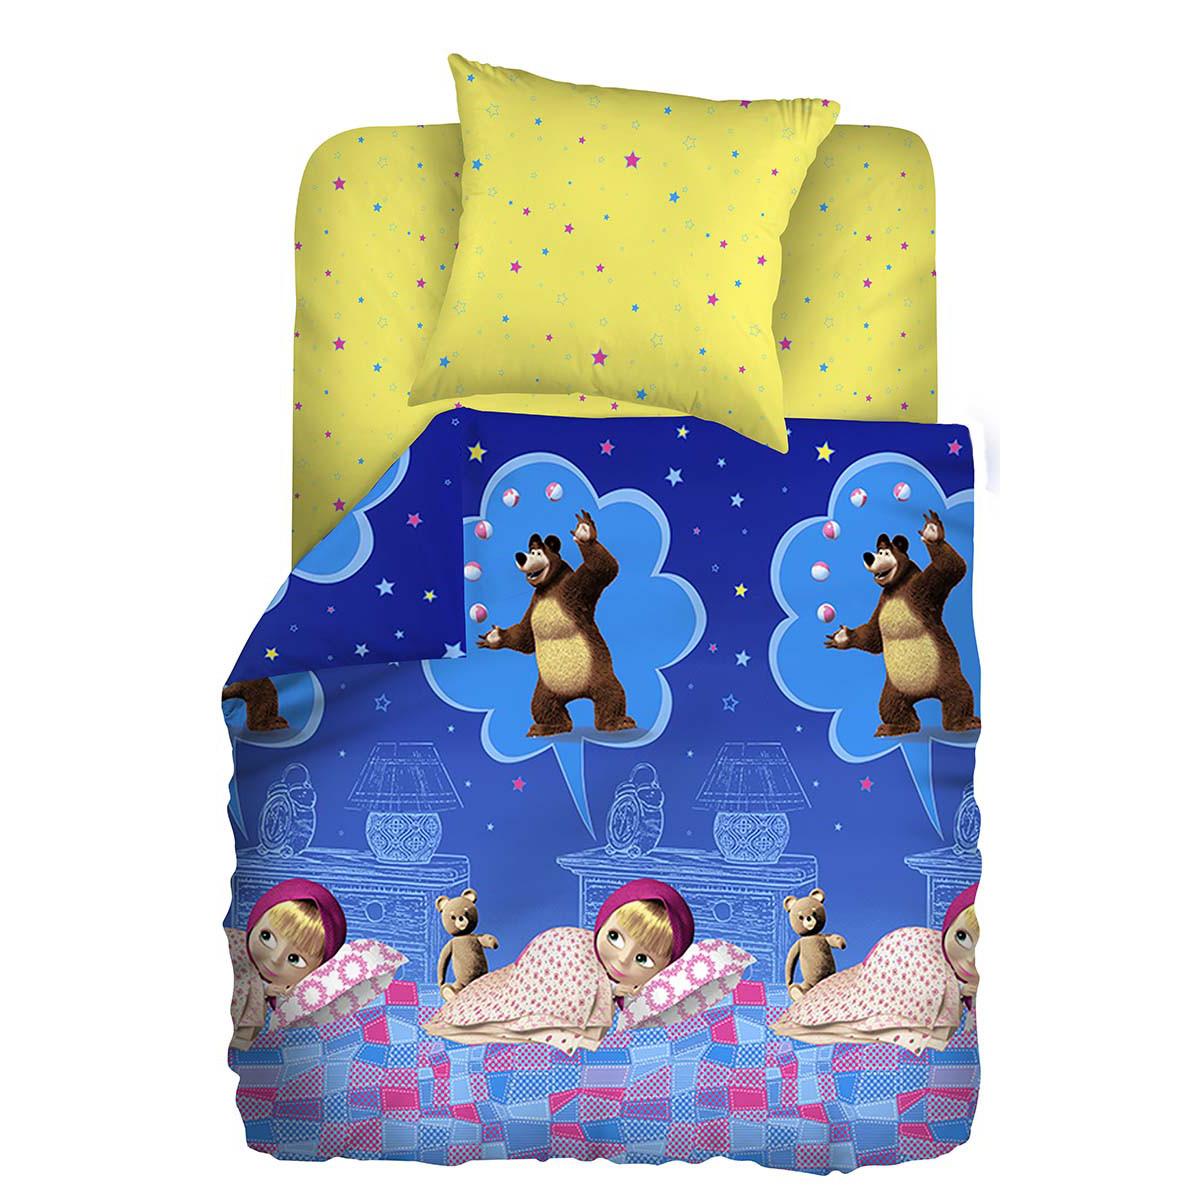 Маша и Медведь Комплект детского постельного белья Машин сон1149321Комплект детского постельного белья Маша и Медведь Машин сон, состоящий из наволочки, простыни и пододеяльника, выполнен из натурального 100% хлопка. Пододеяльник оформлен рисунком в виде героев из мультфильма Маша и Медведь. Хлопок - это натуральный материал, который не раздражает даже самую нежную и чувствительную кожу малыша, не вызывает аллергии и хорошо вентилируется. Такой комплект идеально подойдет для кроватки вашего малыша. На нем ребенок будет спать здоровым и крепким сном.